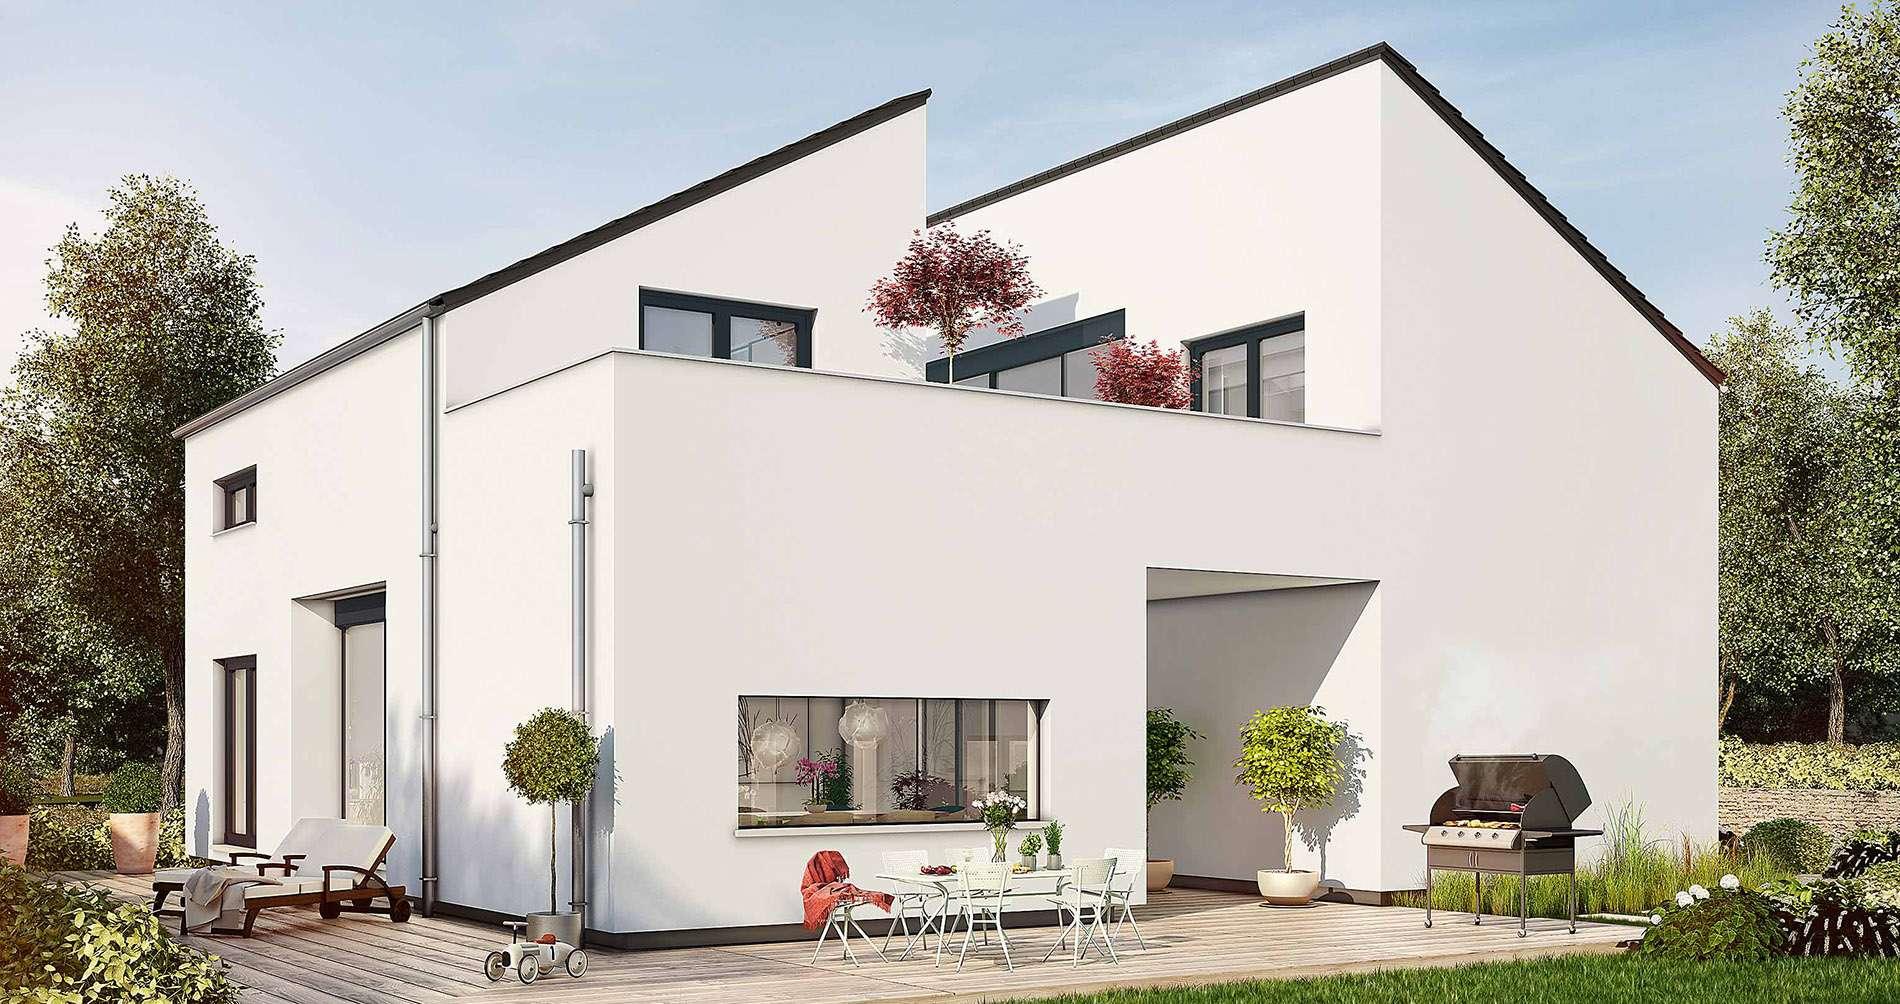 Okal musterhaus bad vilbel musterhauspark frankfurt for Atriumhaus bauen